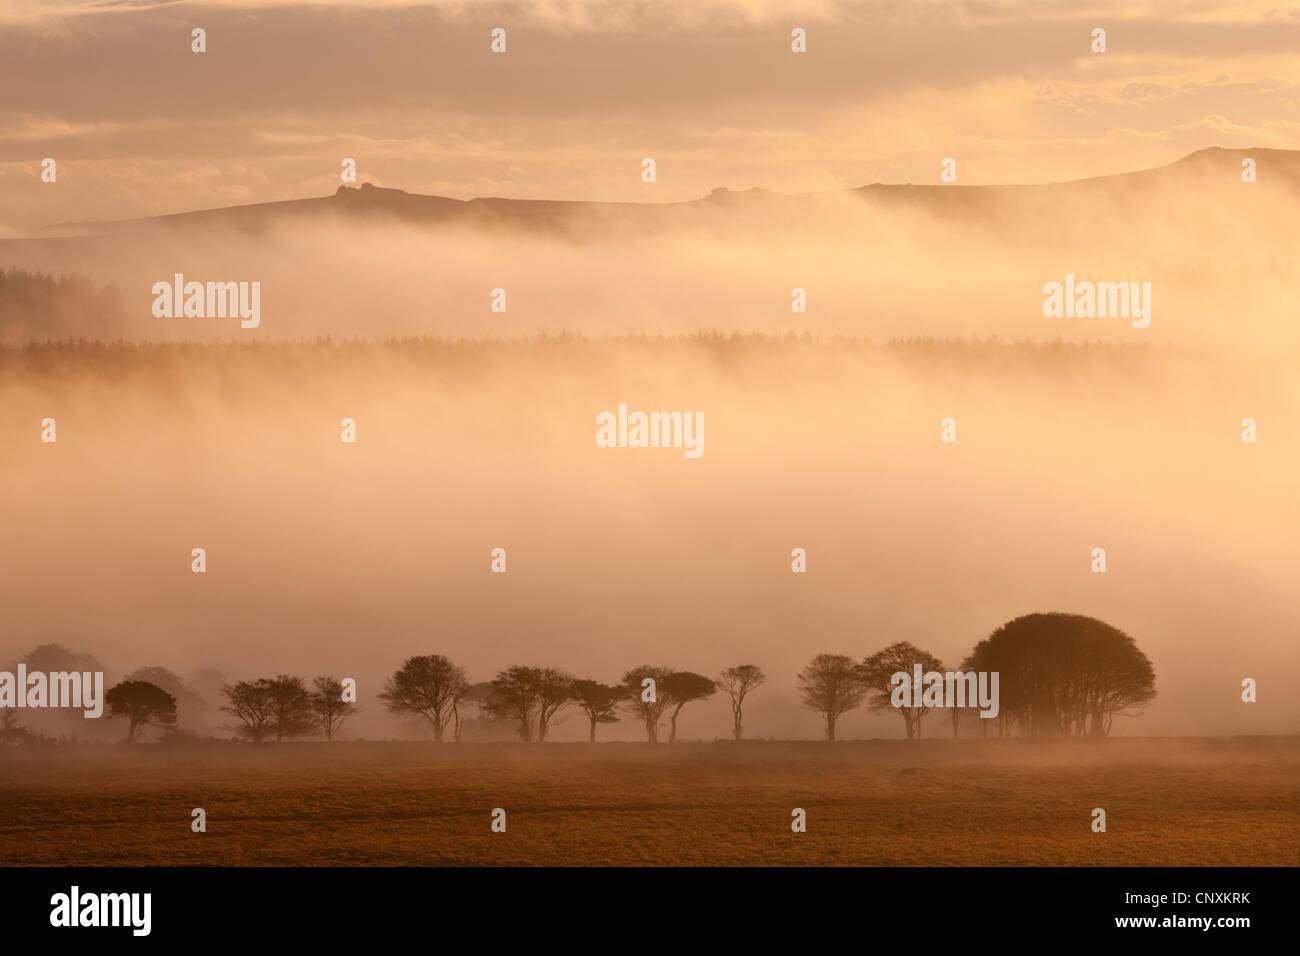 La lande couverte de brume au lever du soleil, près de Powdermills, Dartmoor, dans le Devon, Angleterre. L'automne Banque D'Images